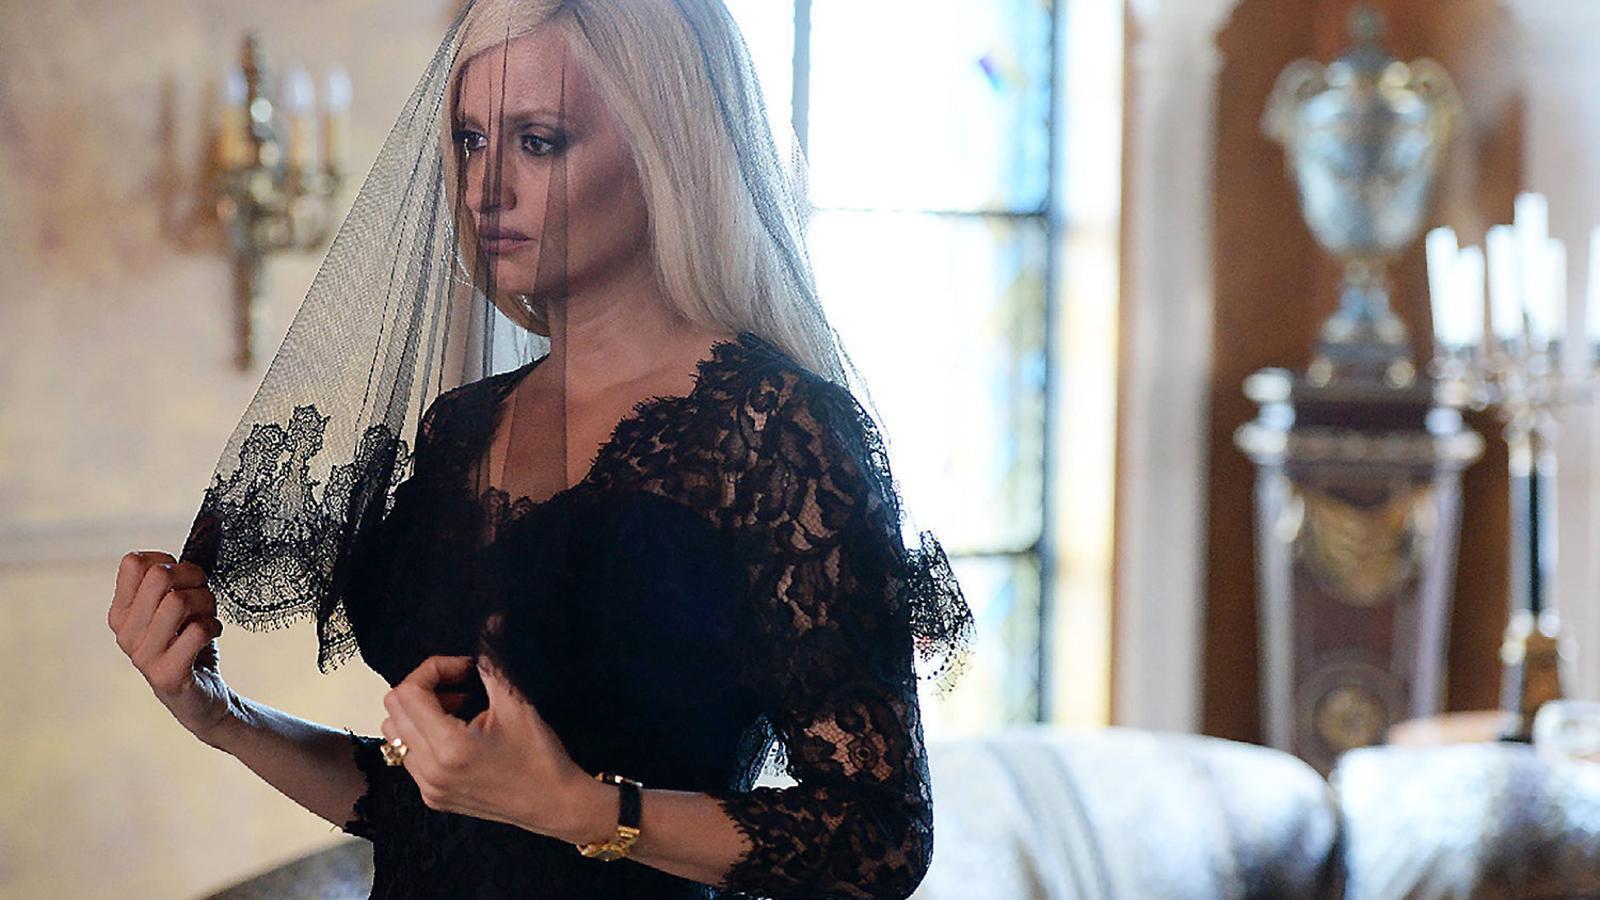 Penélope Cruz interpreta Donatella Versace, que dirigeix la firma de moda des de la mort del dissenyador.